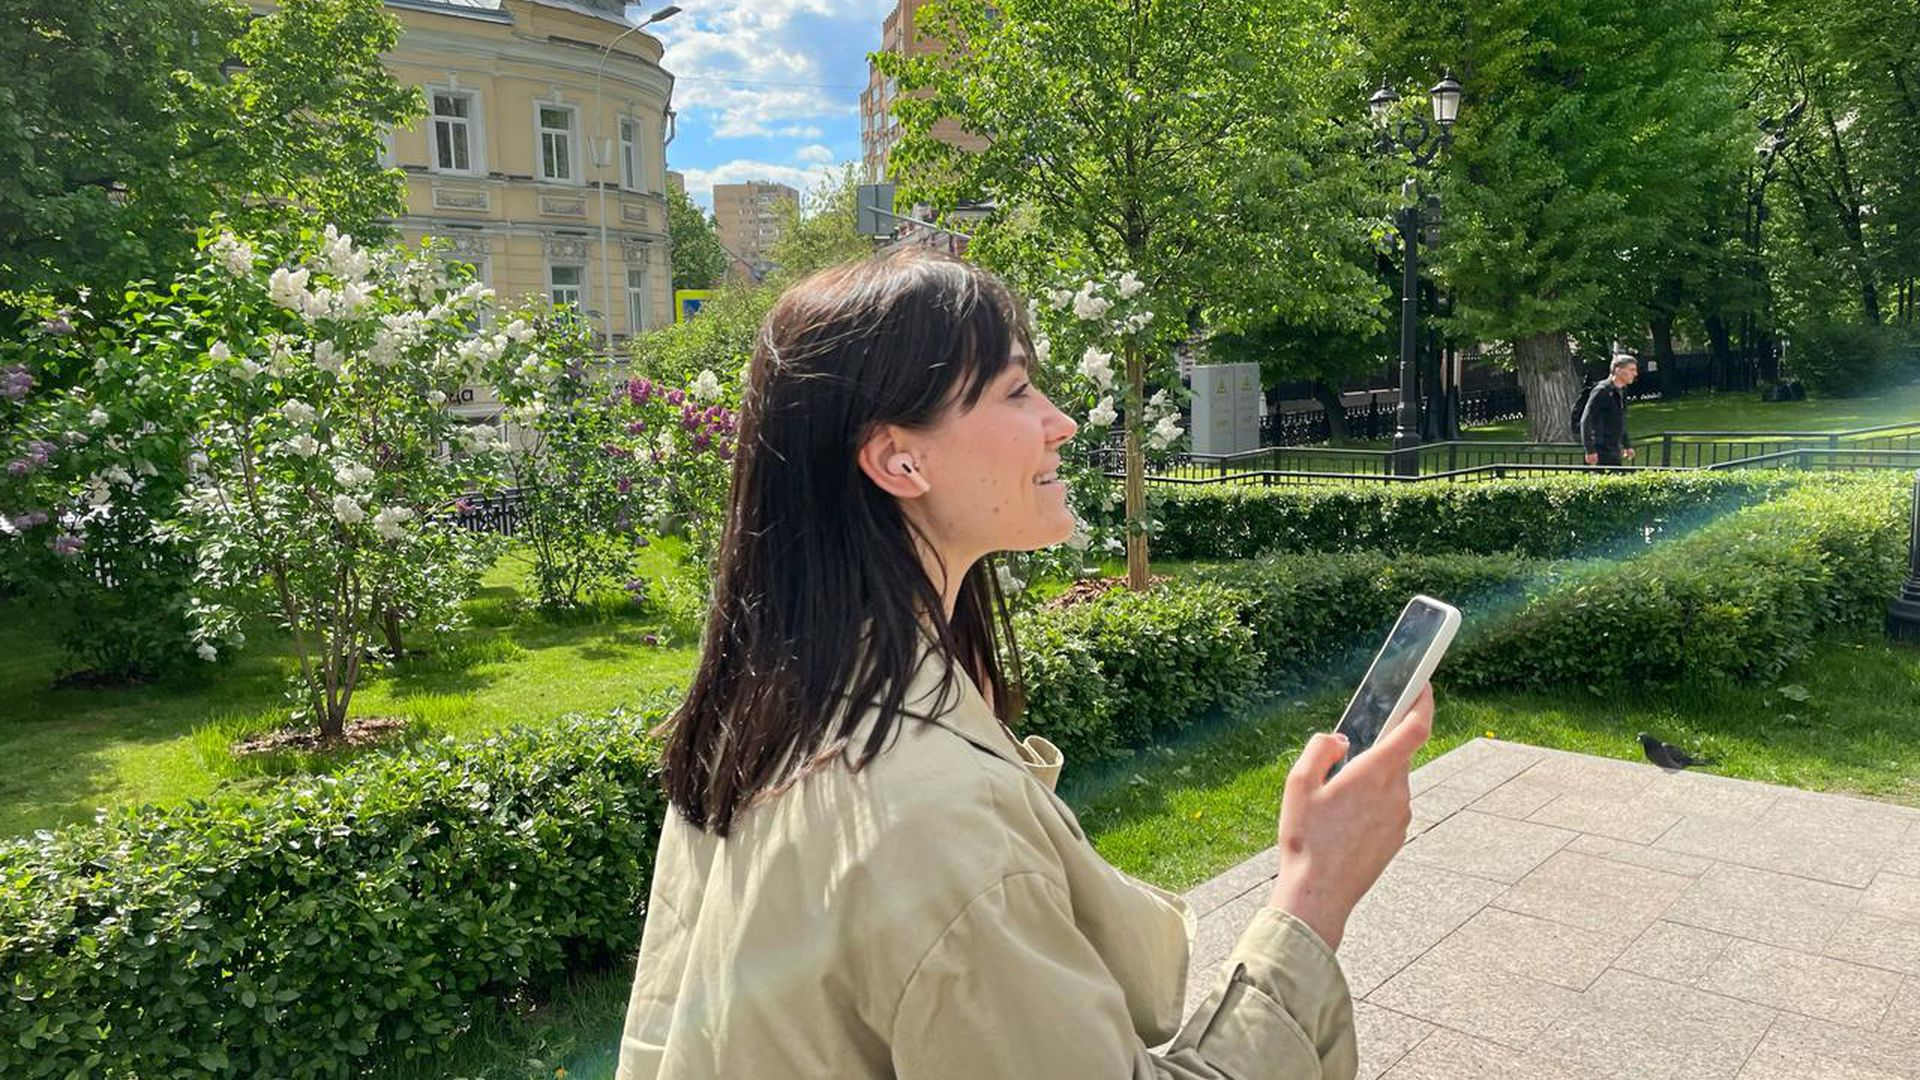 Неизведанная Москва: путешествие по необычным местам столицы